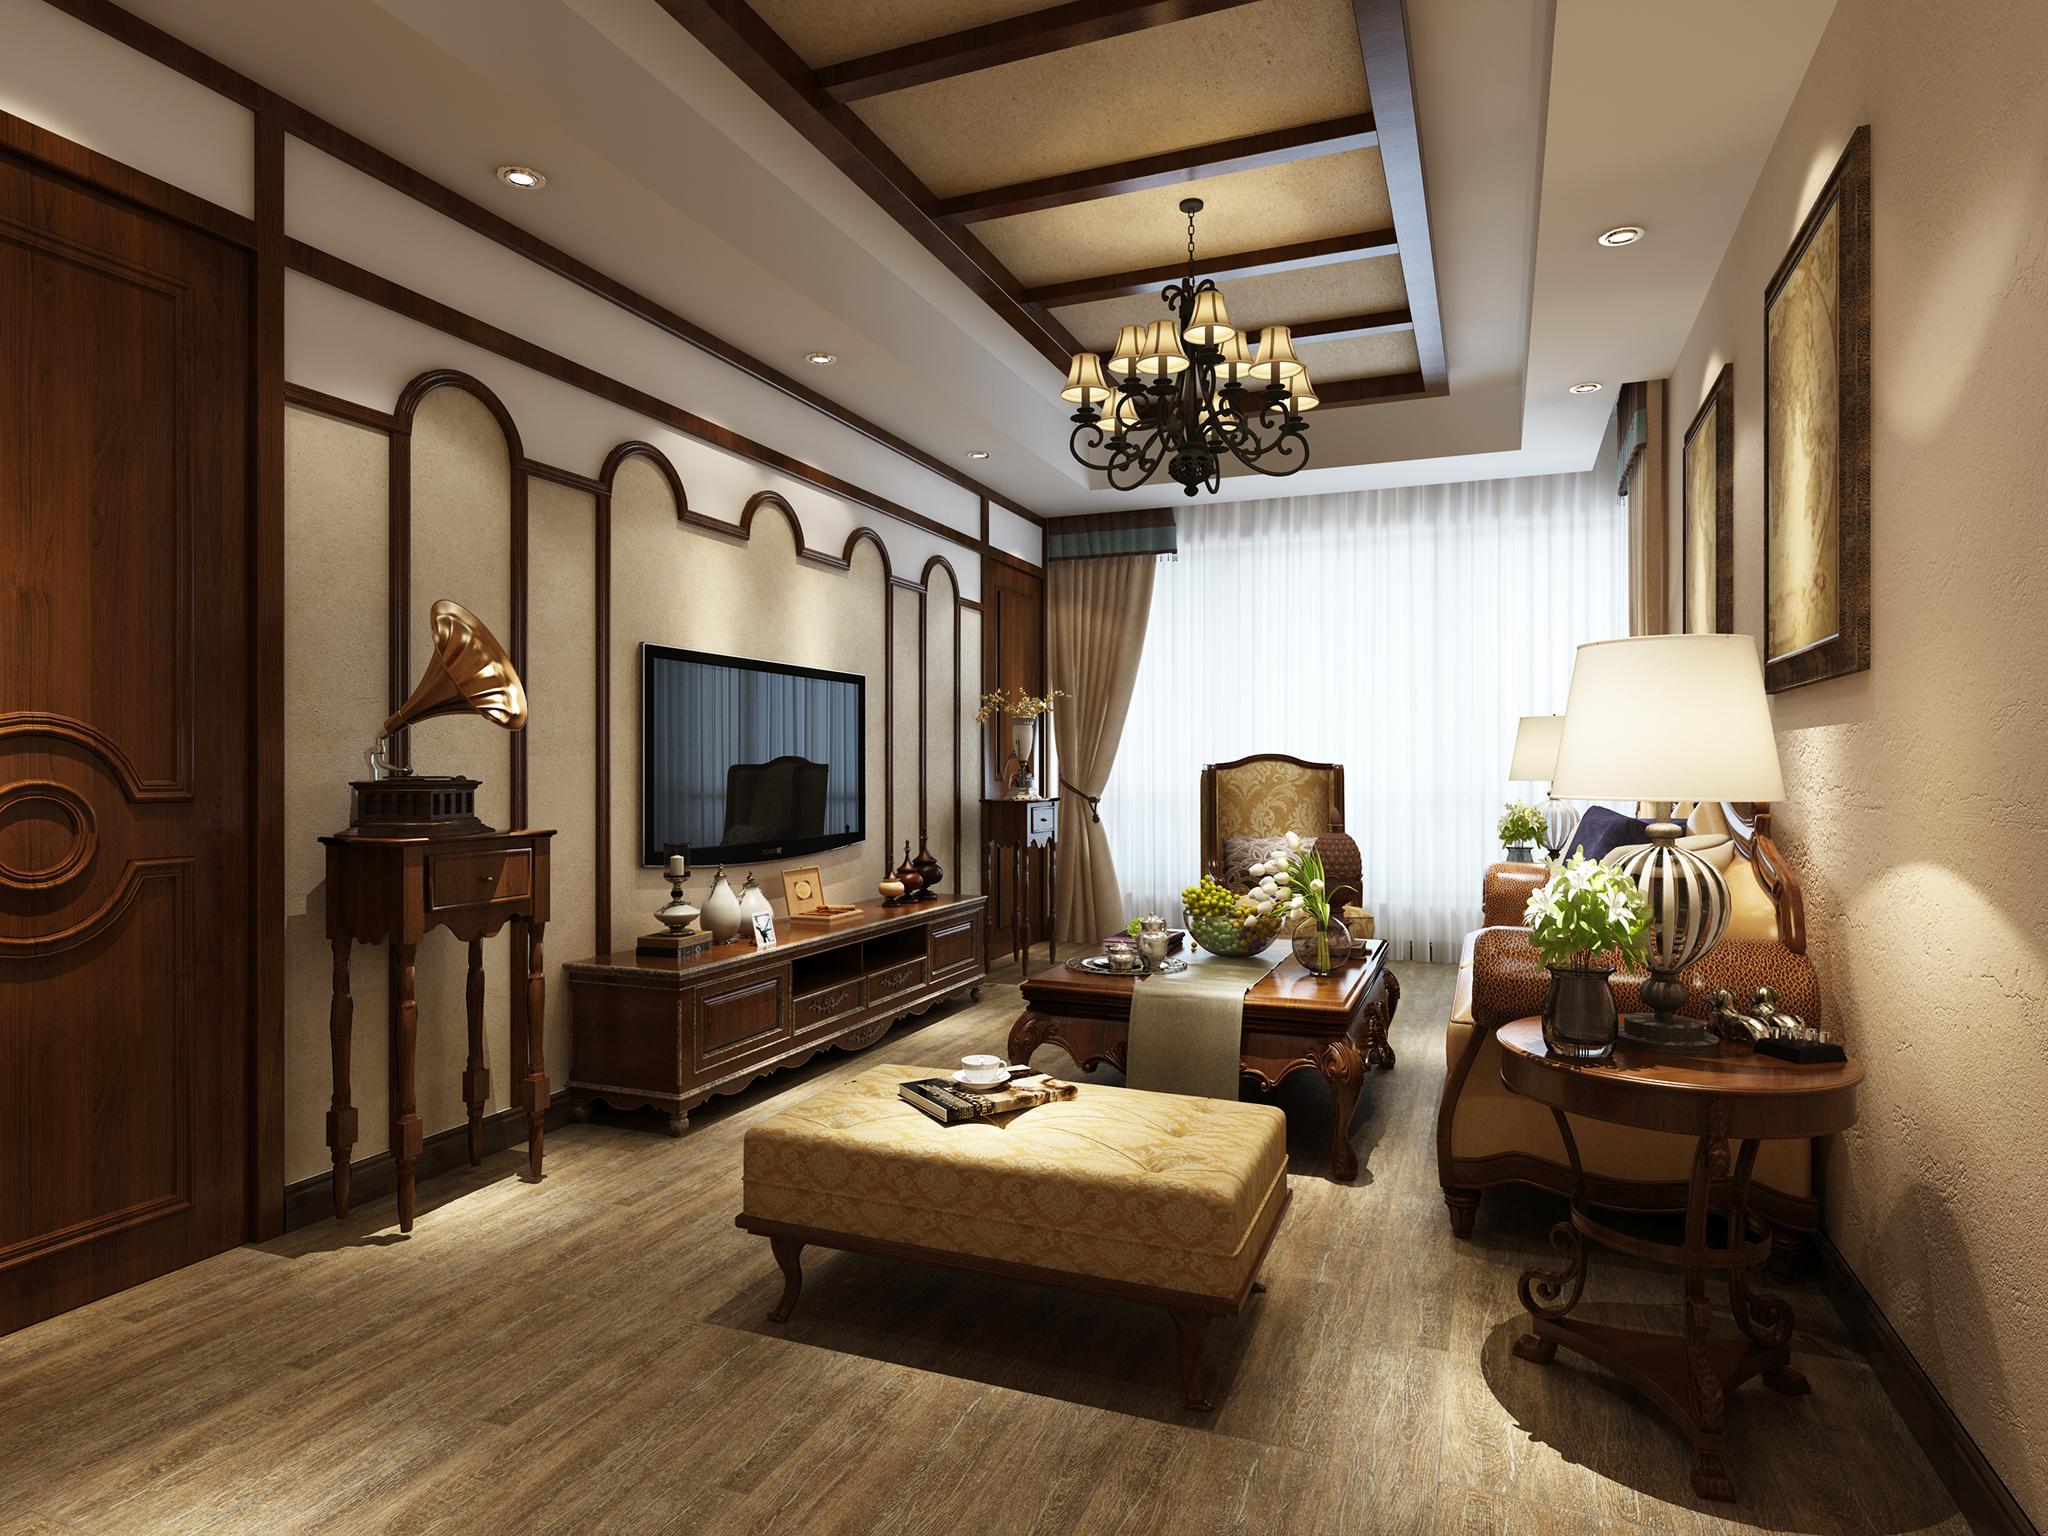 >美式客厅印度黑檀仿古亚光砖装修图